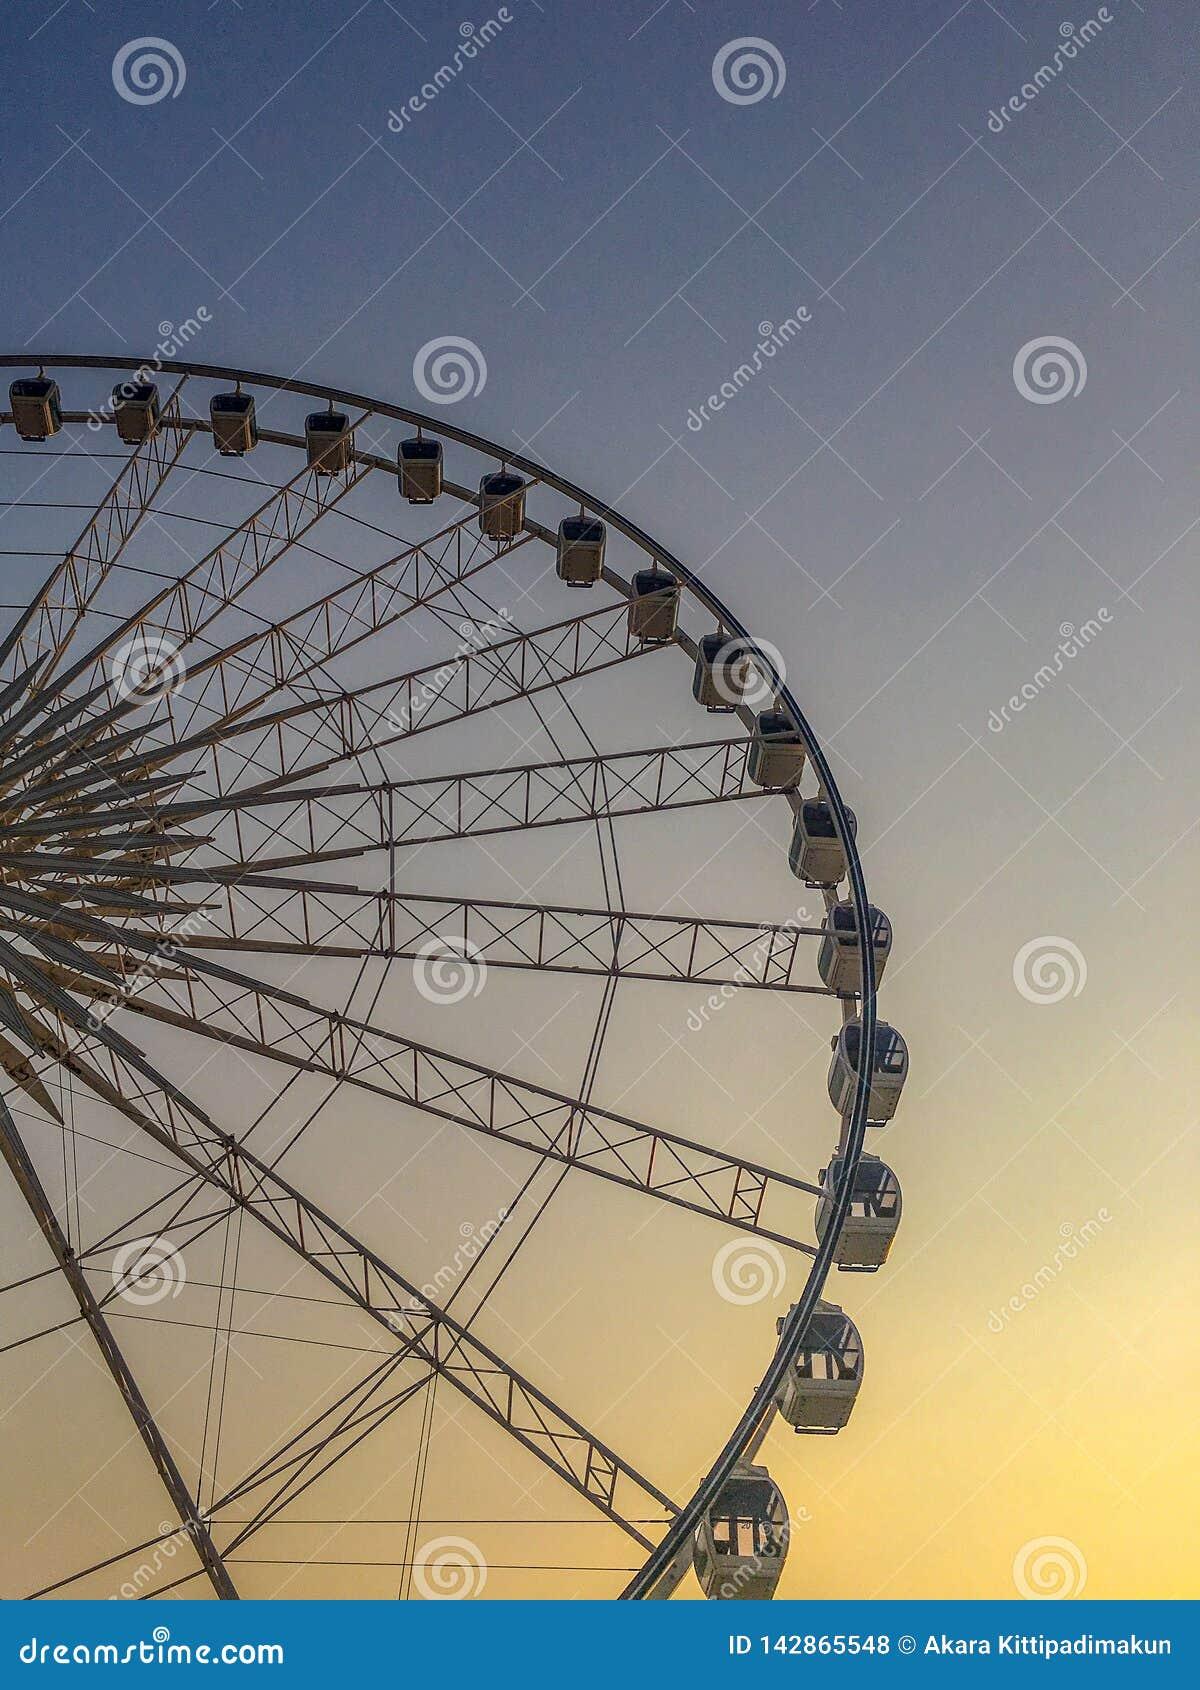 Roda de Ferris no céu no fundo crepuscular